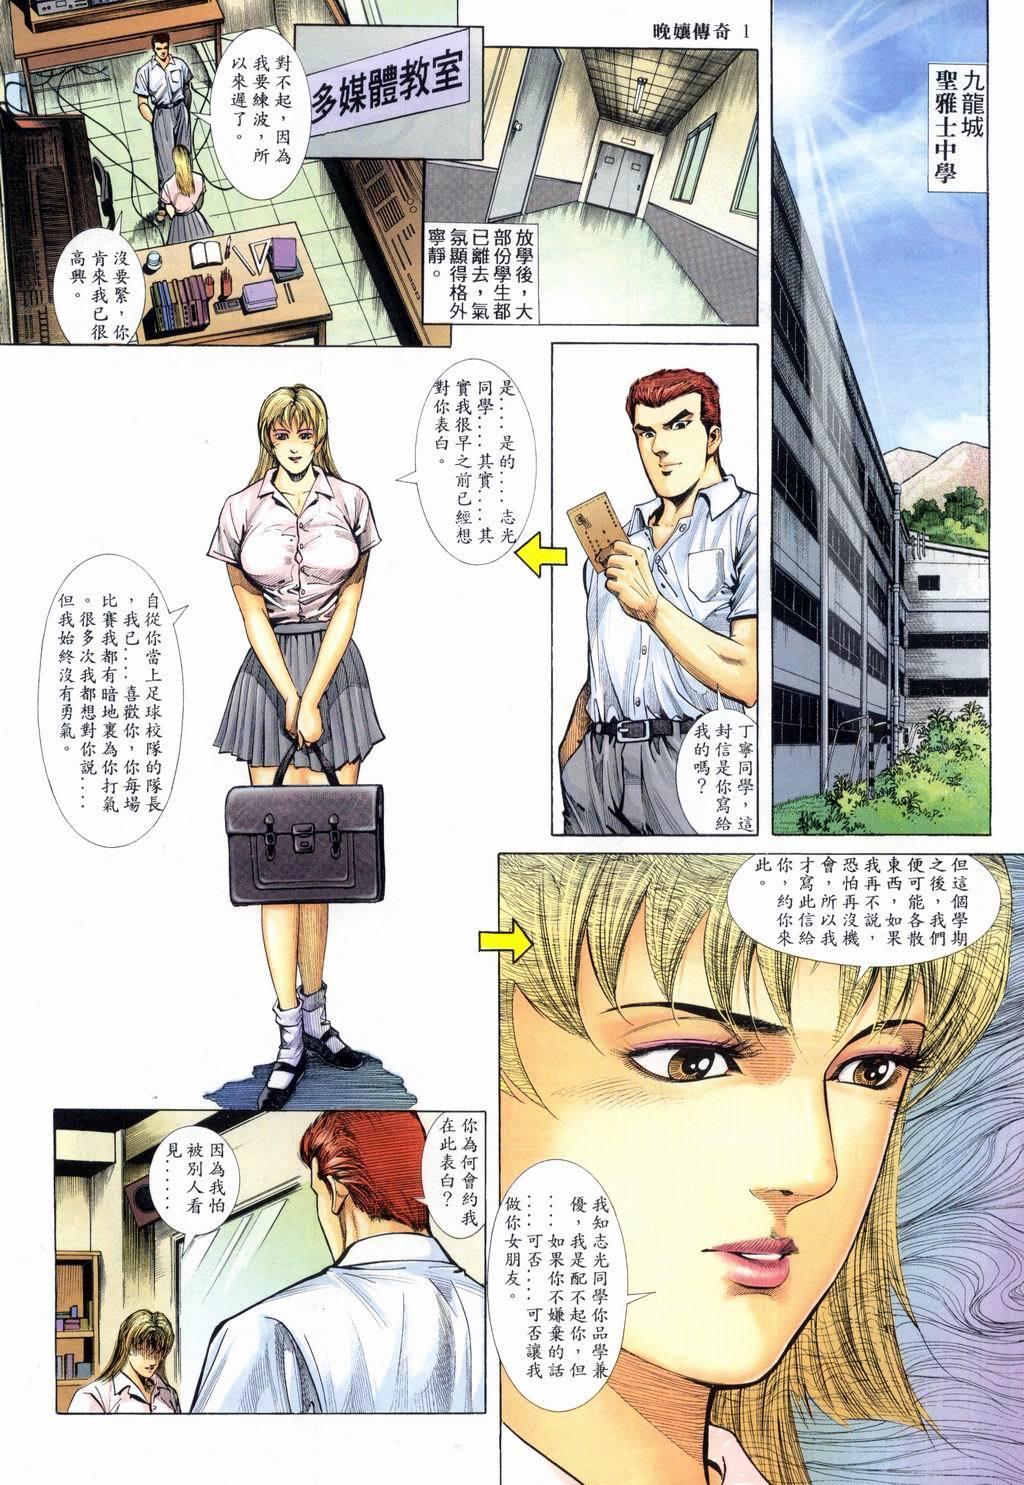 晚娘传奇漫画图片1-13话